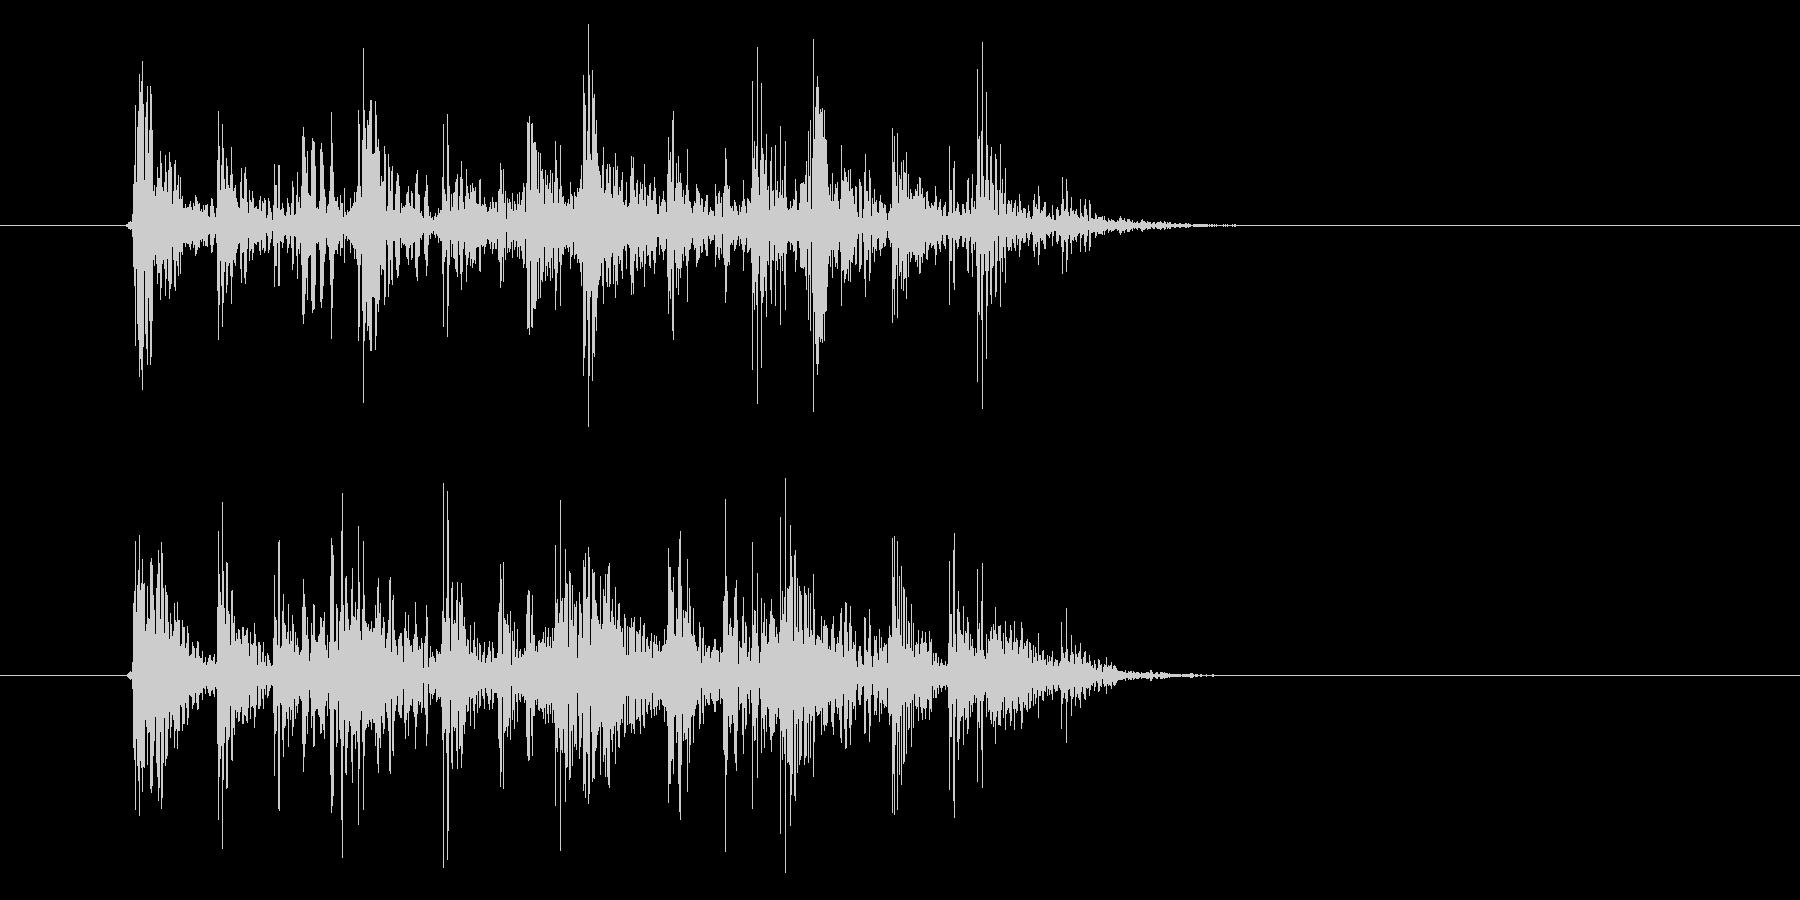 激しくミステリアスなテクノ音楽の未再生の波形